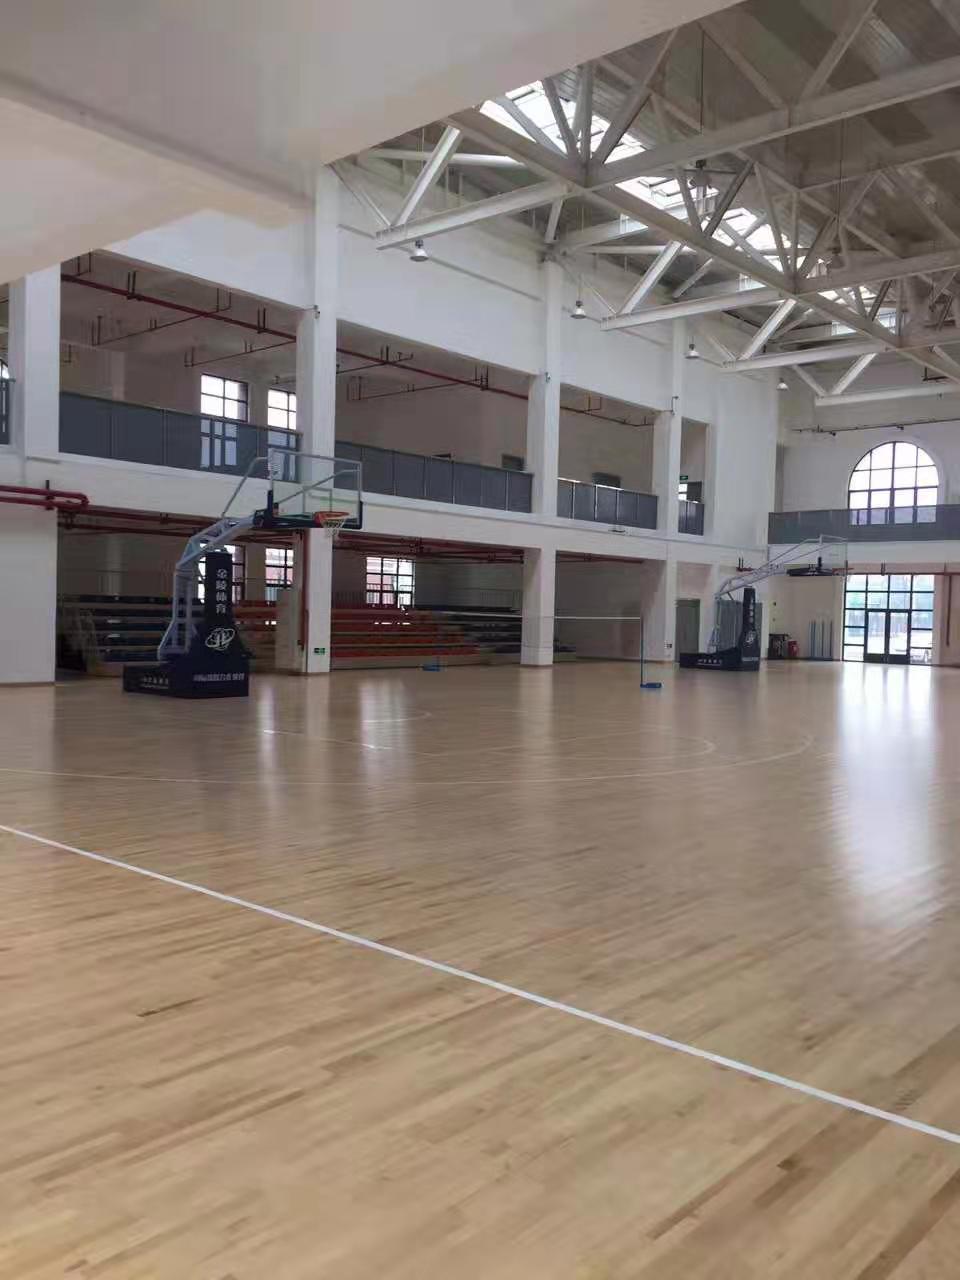 濮阳硬木企口体育馆木地板